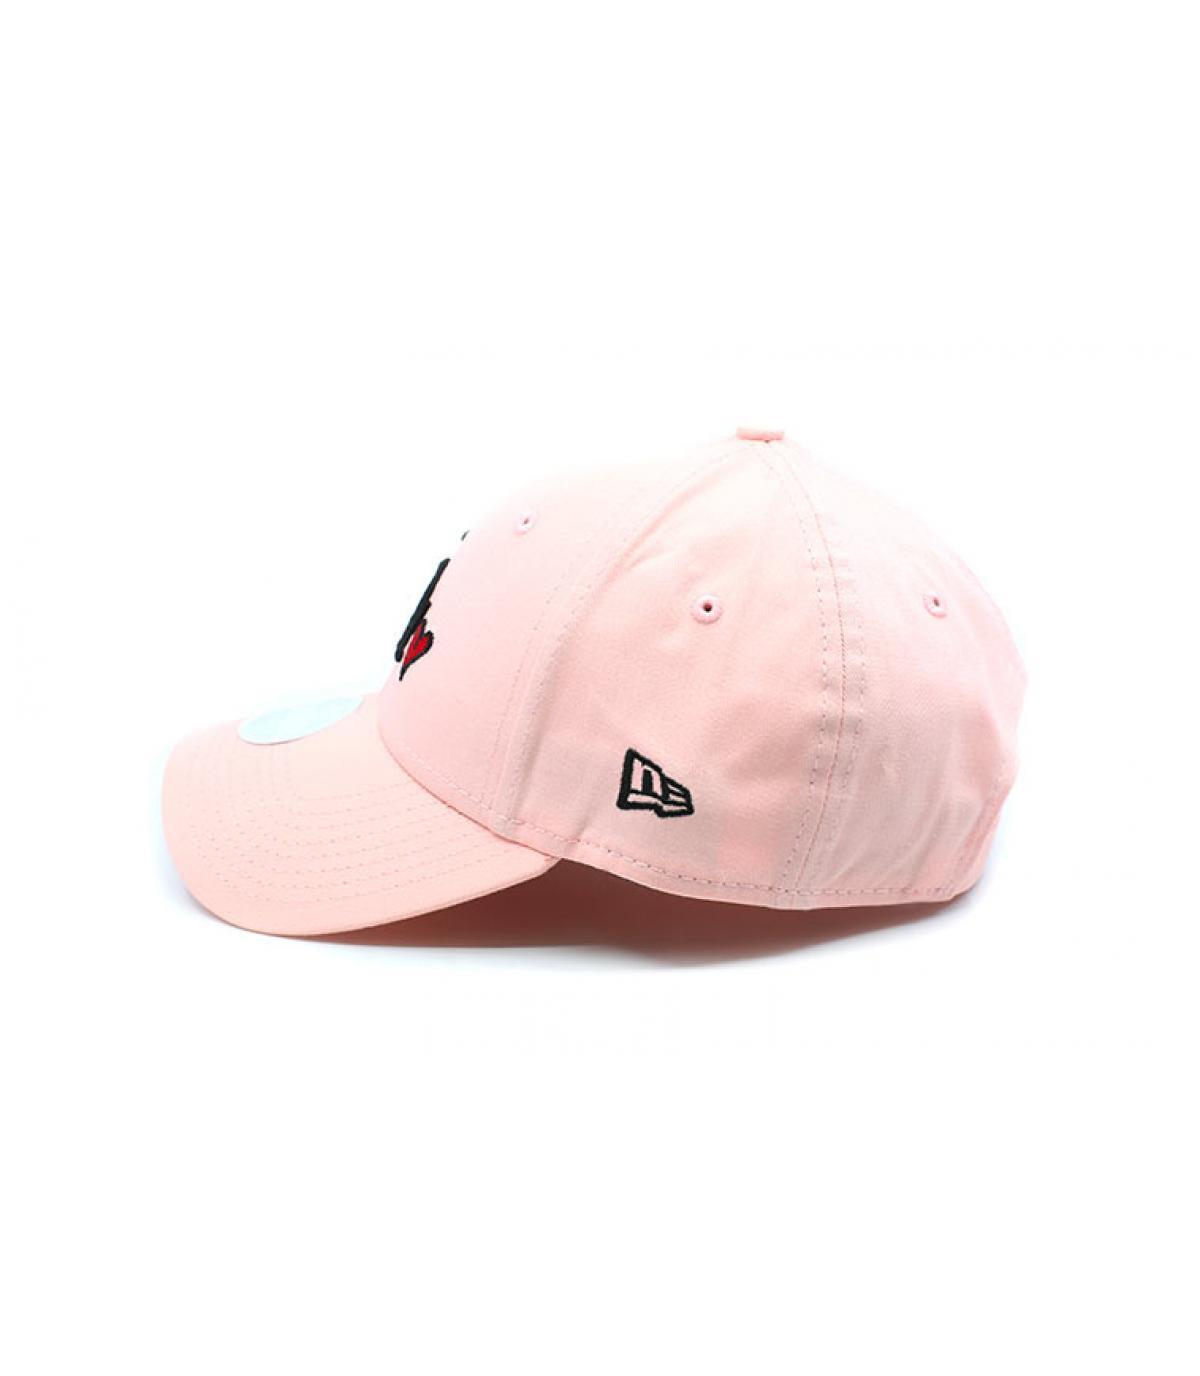 Details Cap Wmns Heart LA 940 pink - Abbildung 4